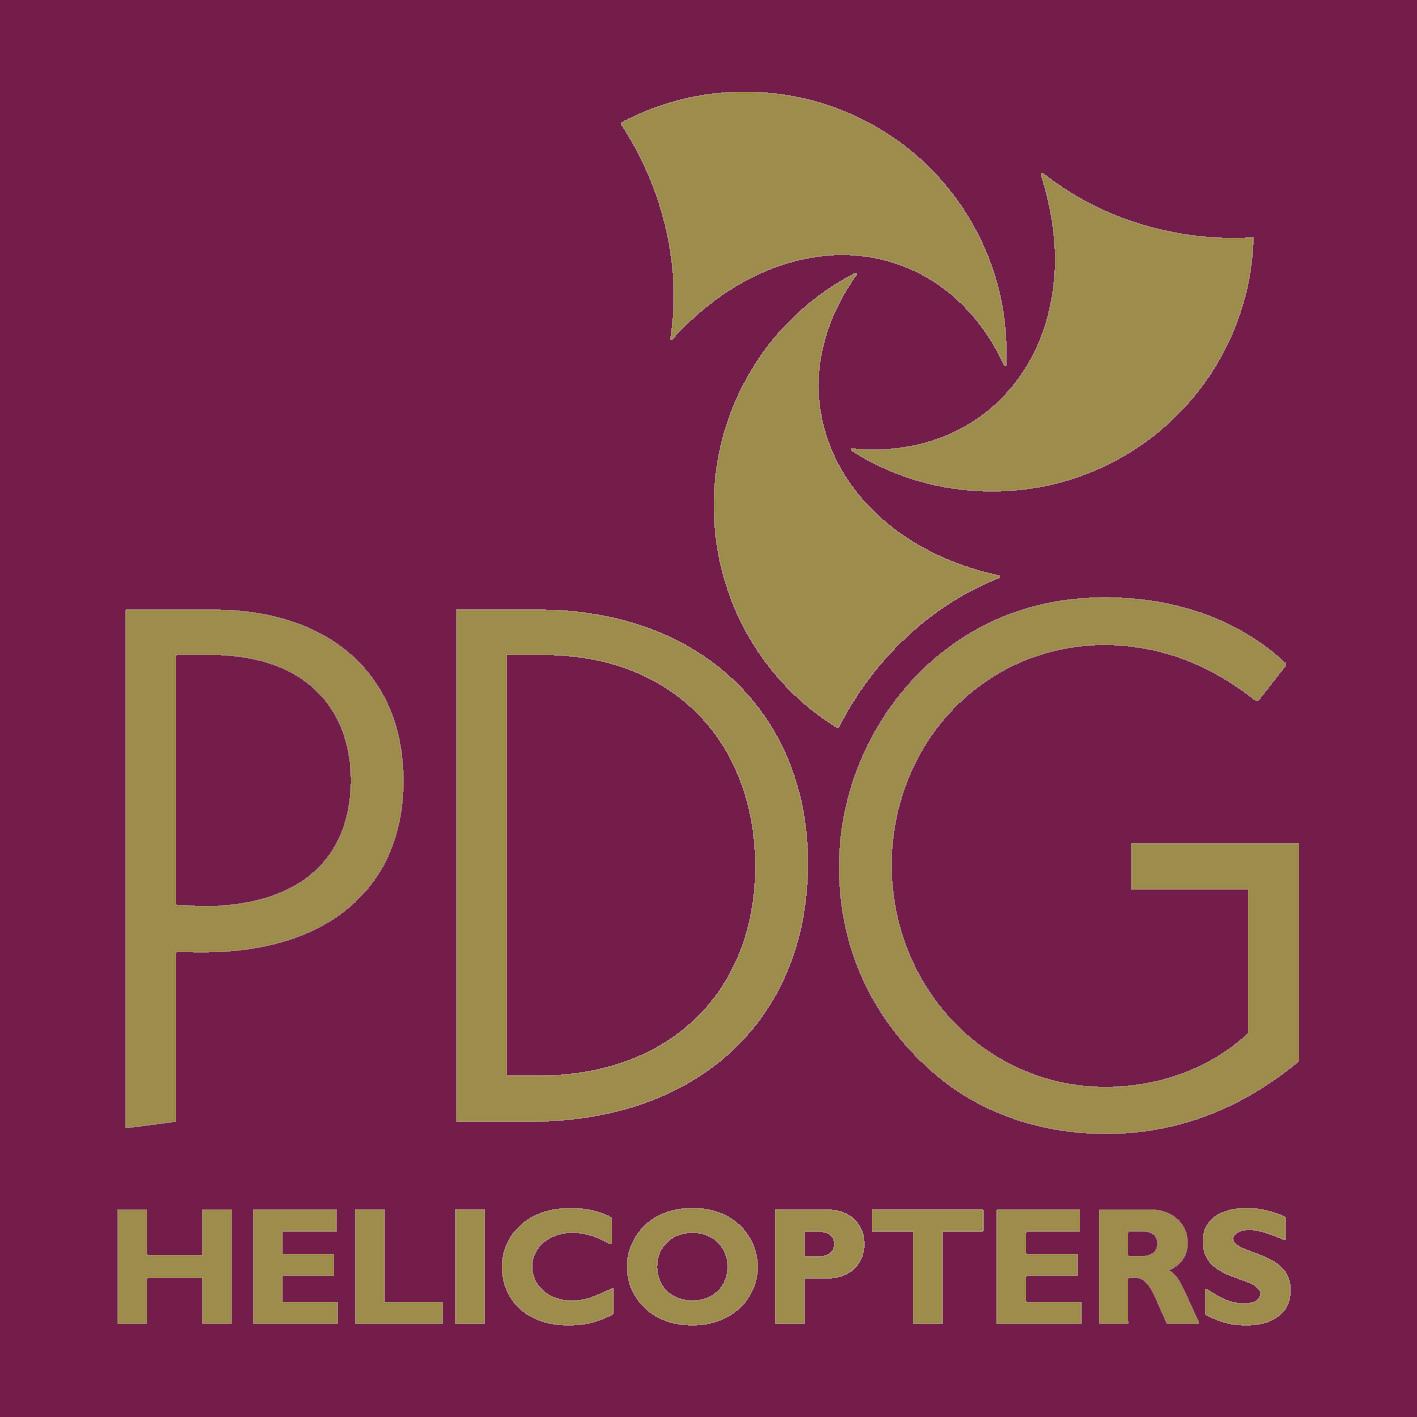 PDG_222 (1)